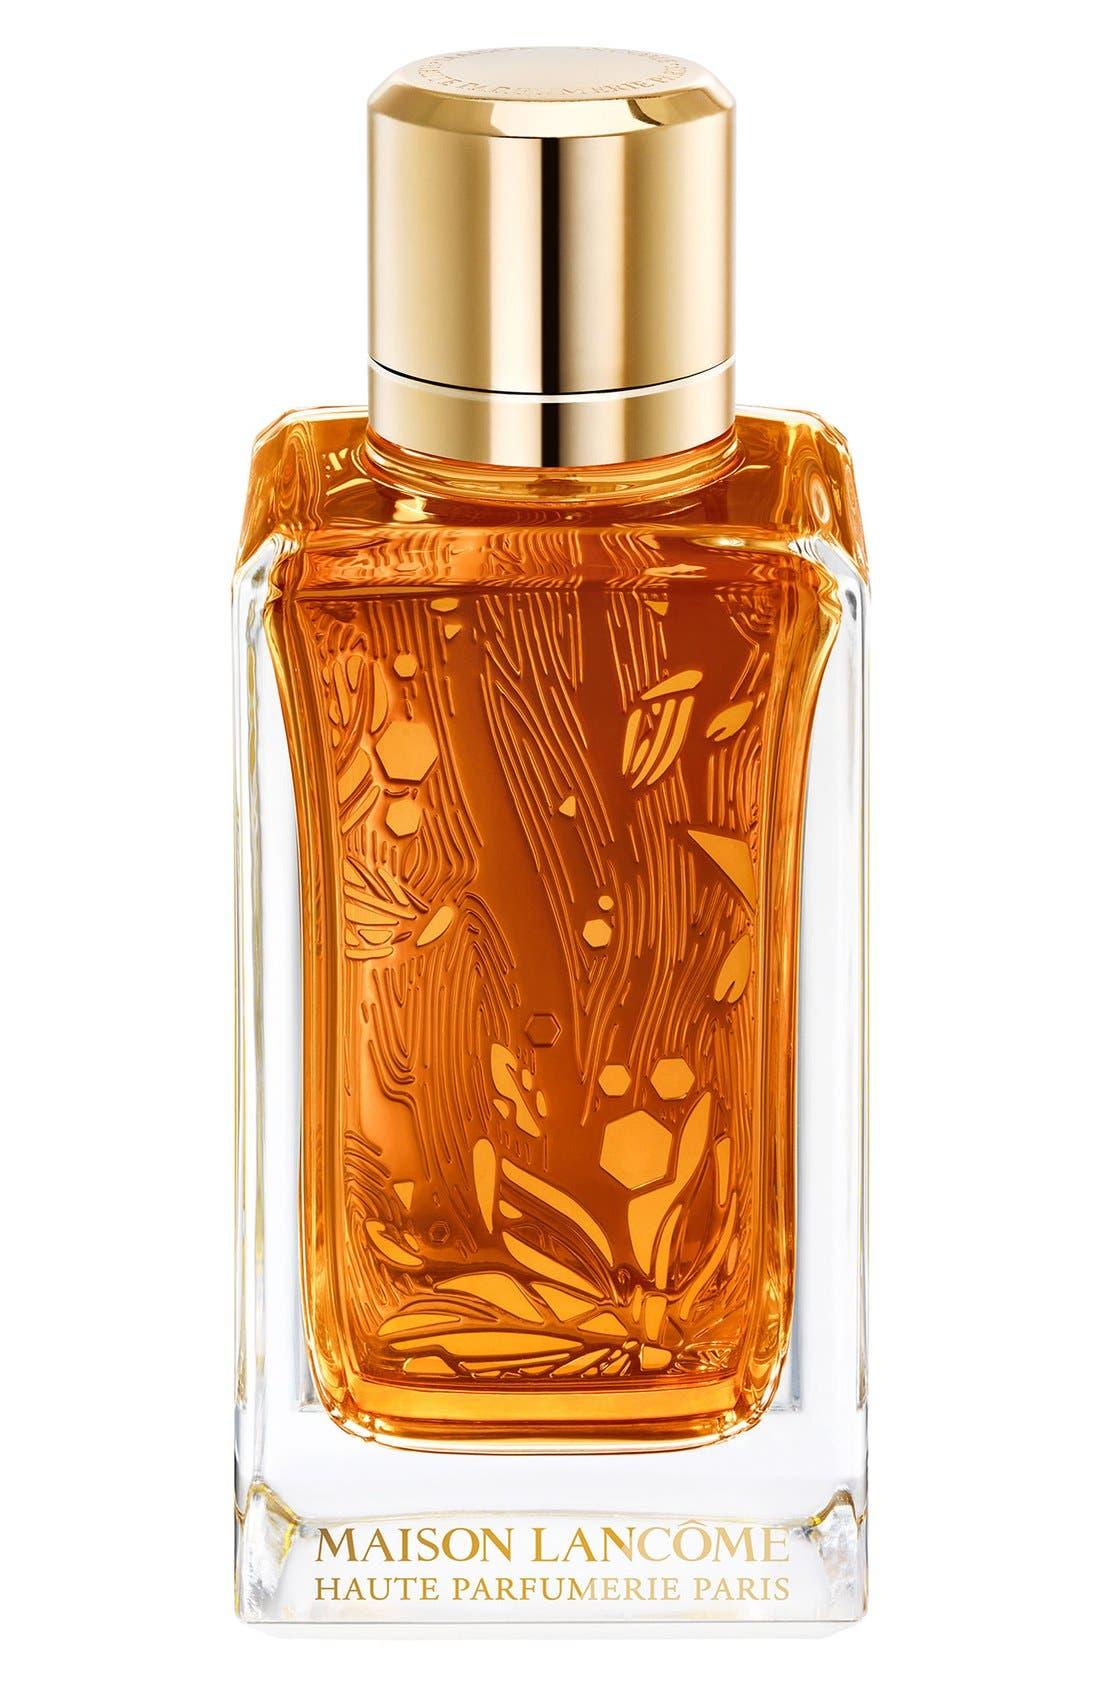 Lancôme Maison Lancôme - Ôud Ambroisie Eau de Parfum